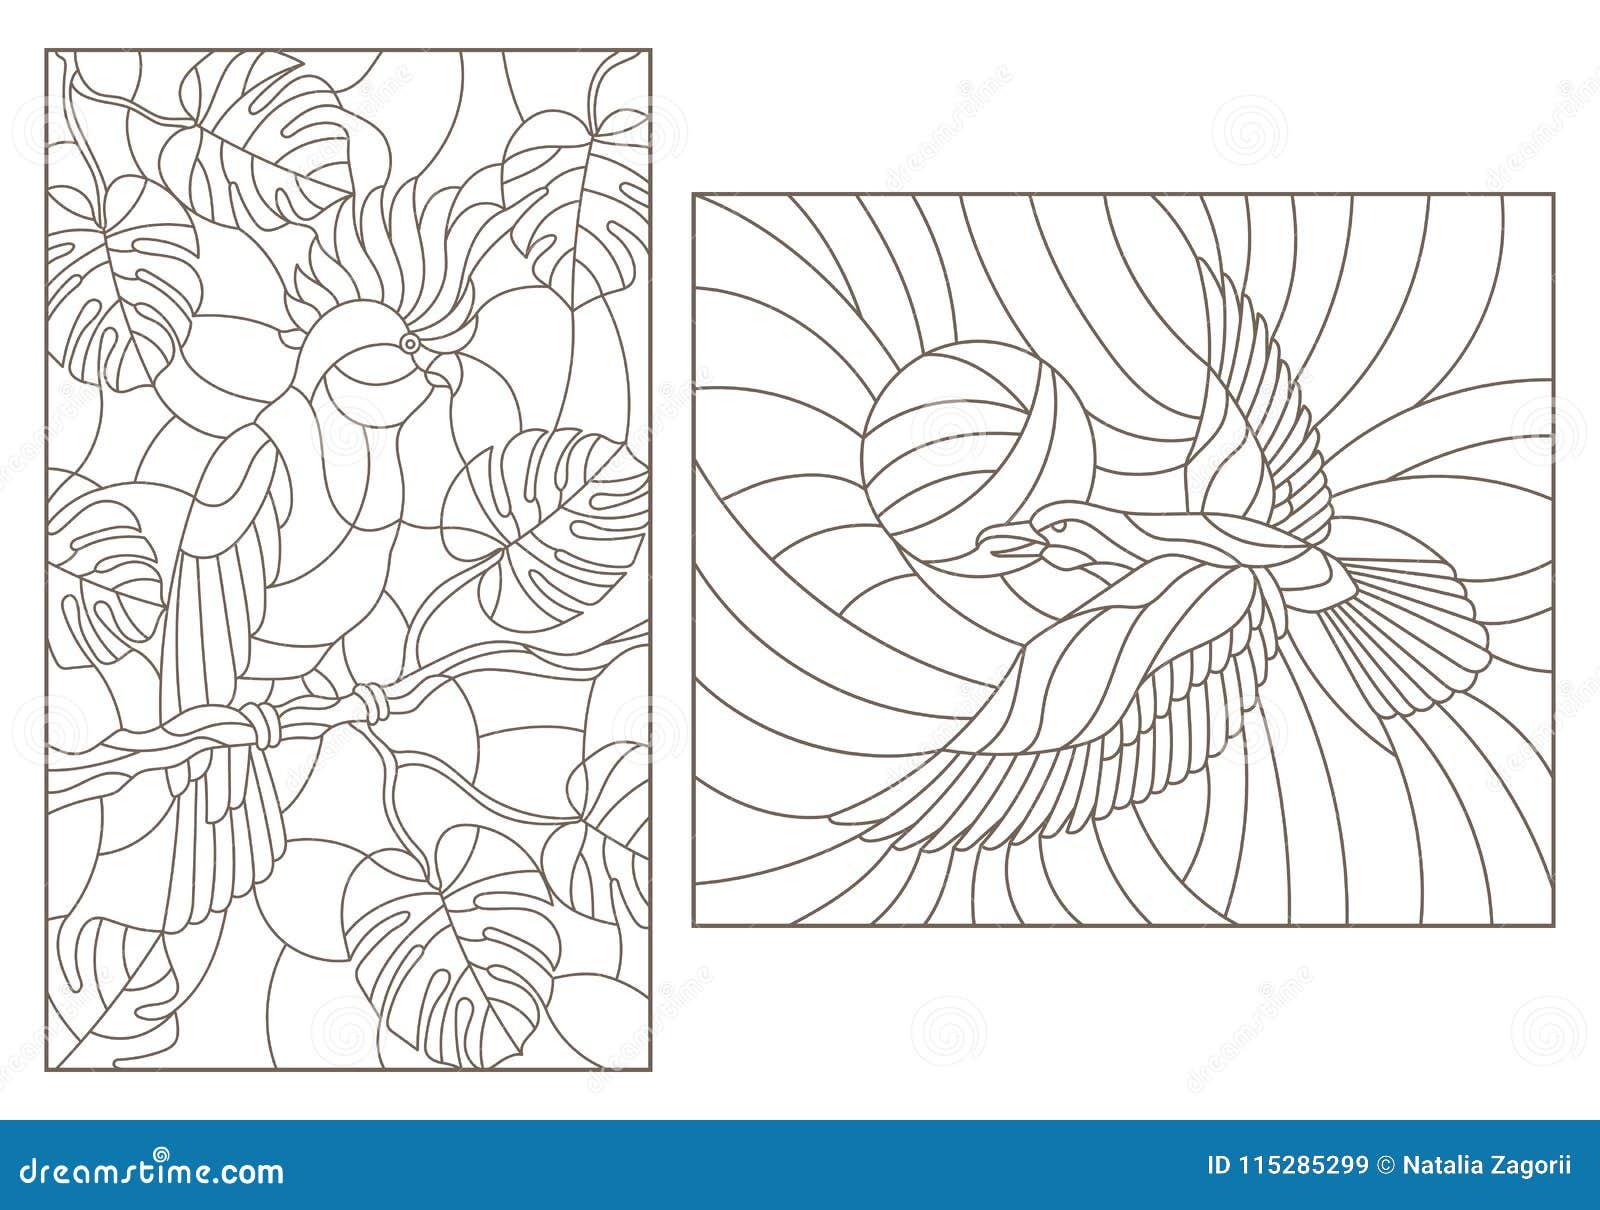 El contorno fijó con los ejemplos del vitral con pájaros, un loro en las ramas de plantas y los cuervos contra el cielo, DA